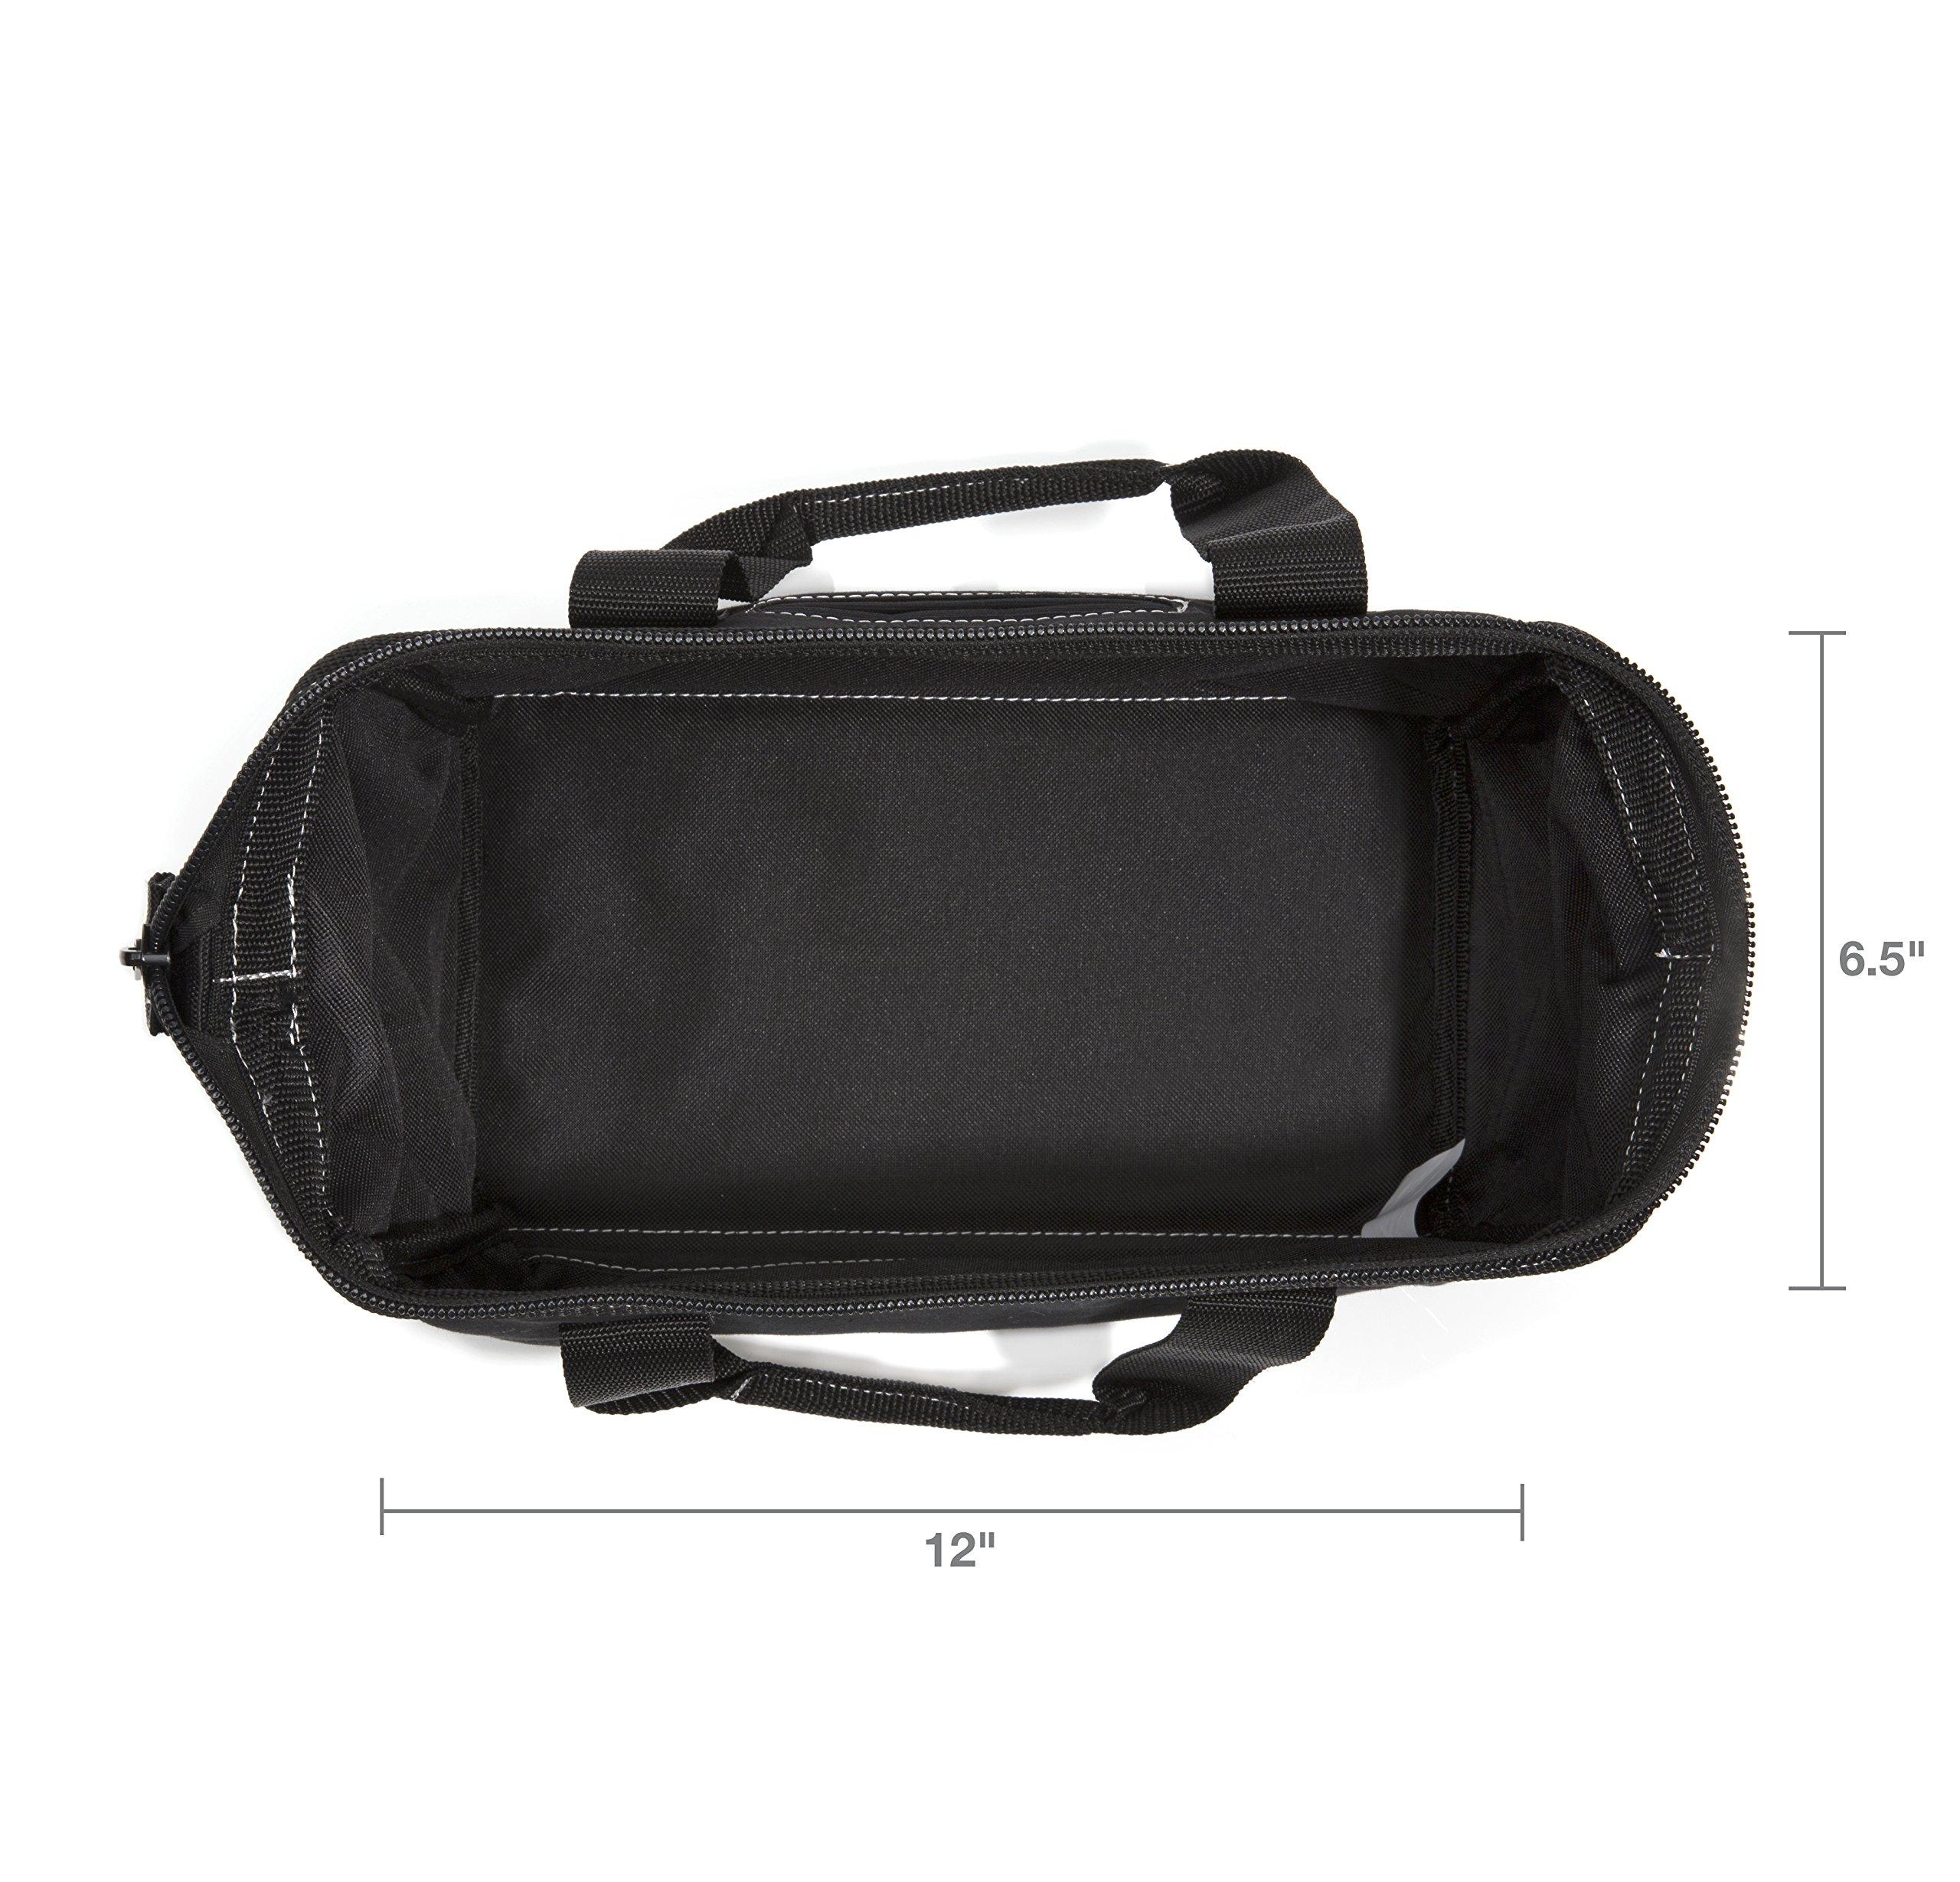 Dickies Work Gear 57084 12-Inch Work Bag by Dickies Work Gear (Image #6)